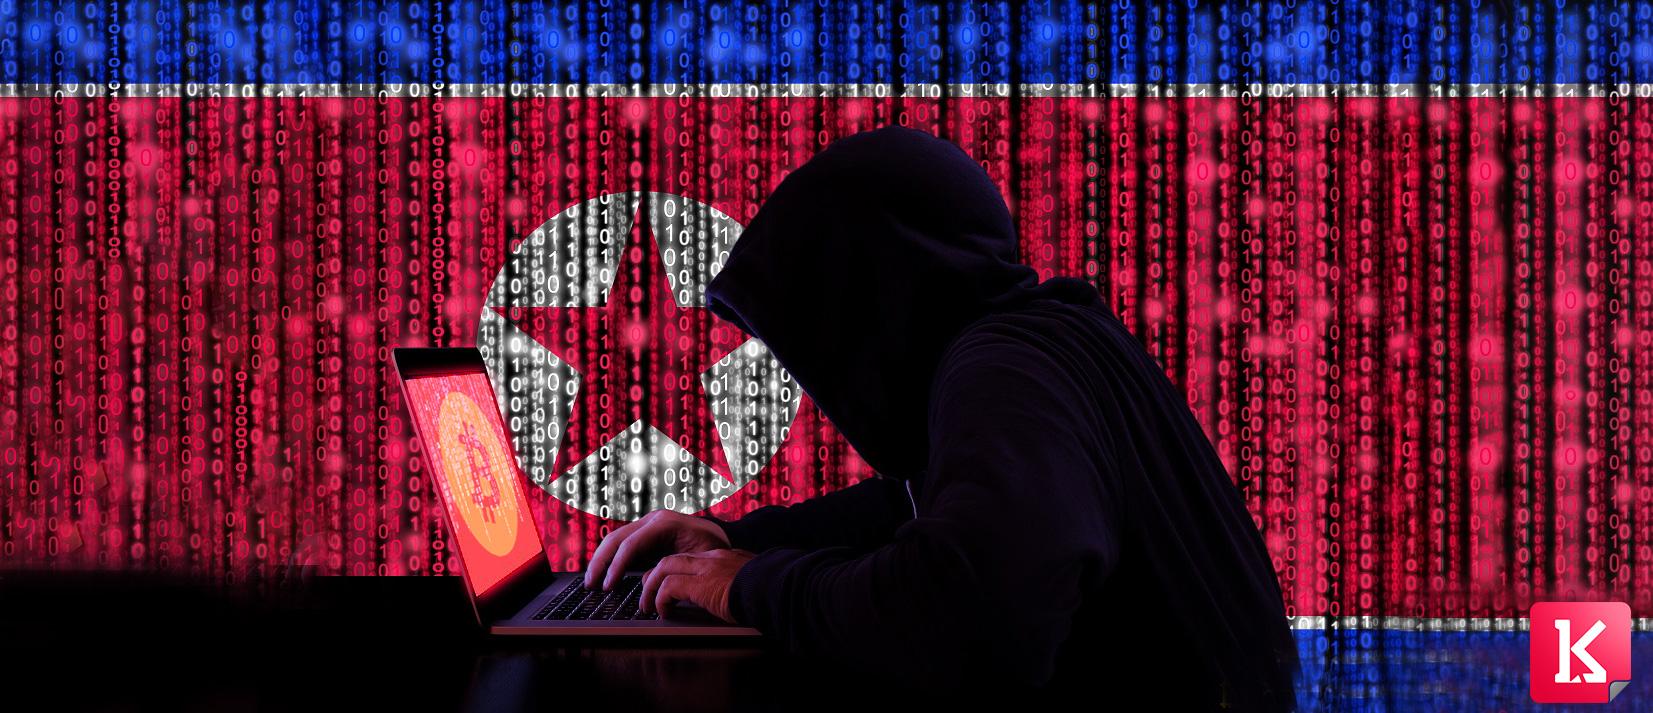 حمله کره شمالی به کره جنوبی با کمک هکرها!|کالاسودا